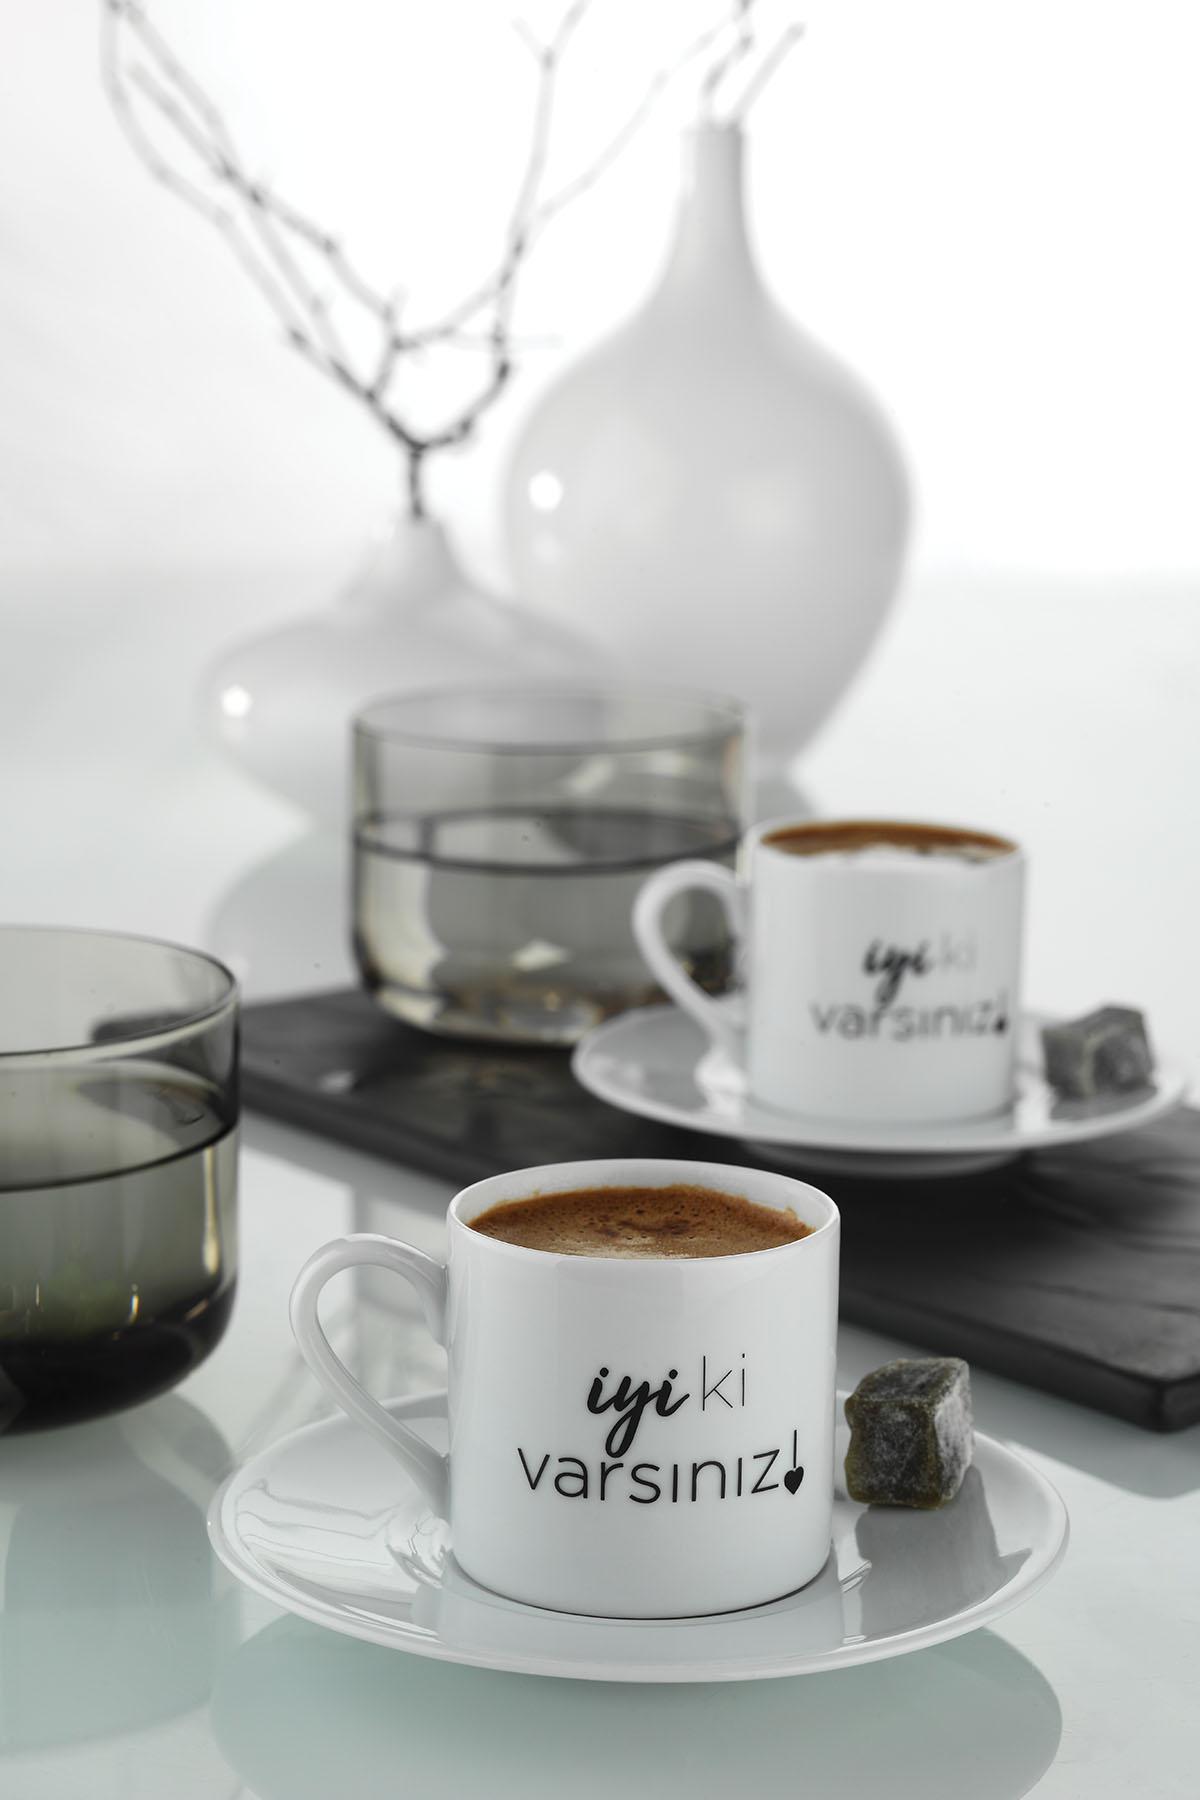 Kütahya Porselen İyi Ki Varsın Kahve Takımı